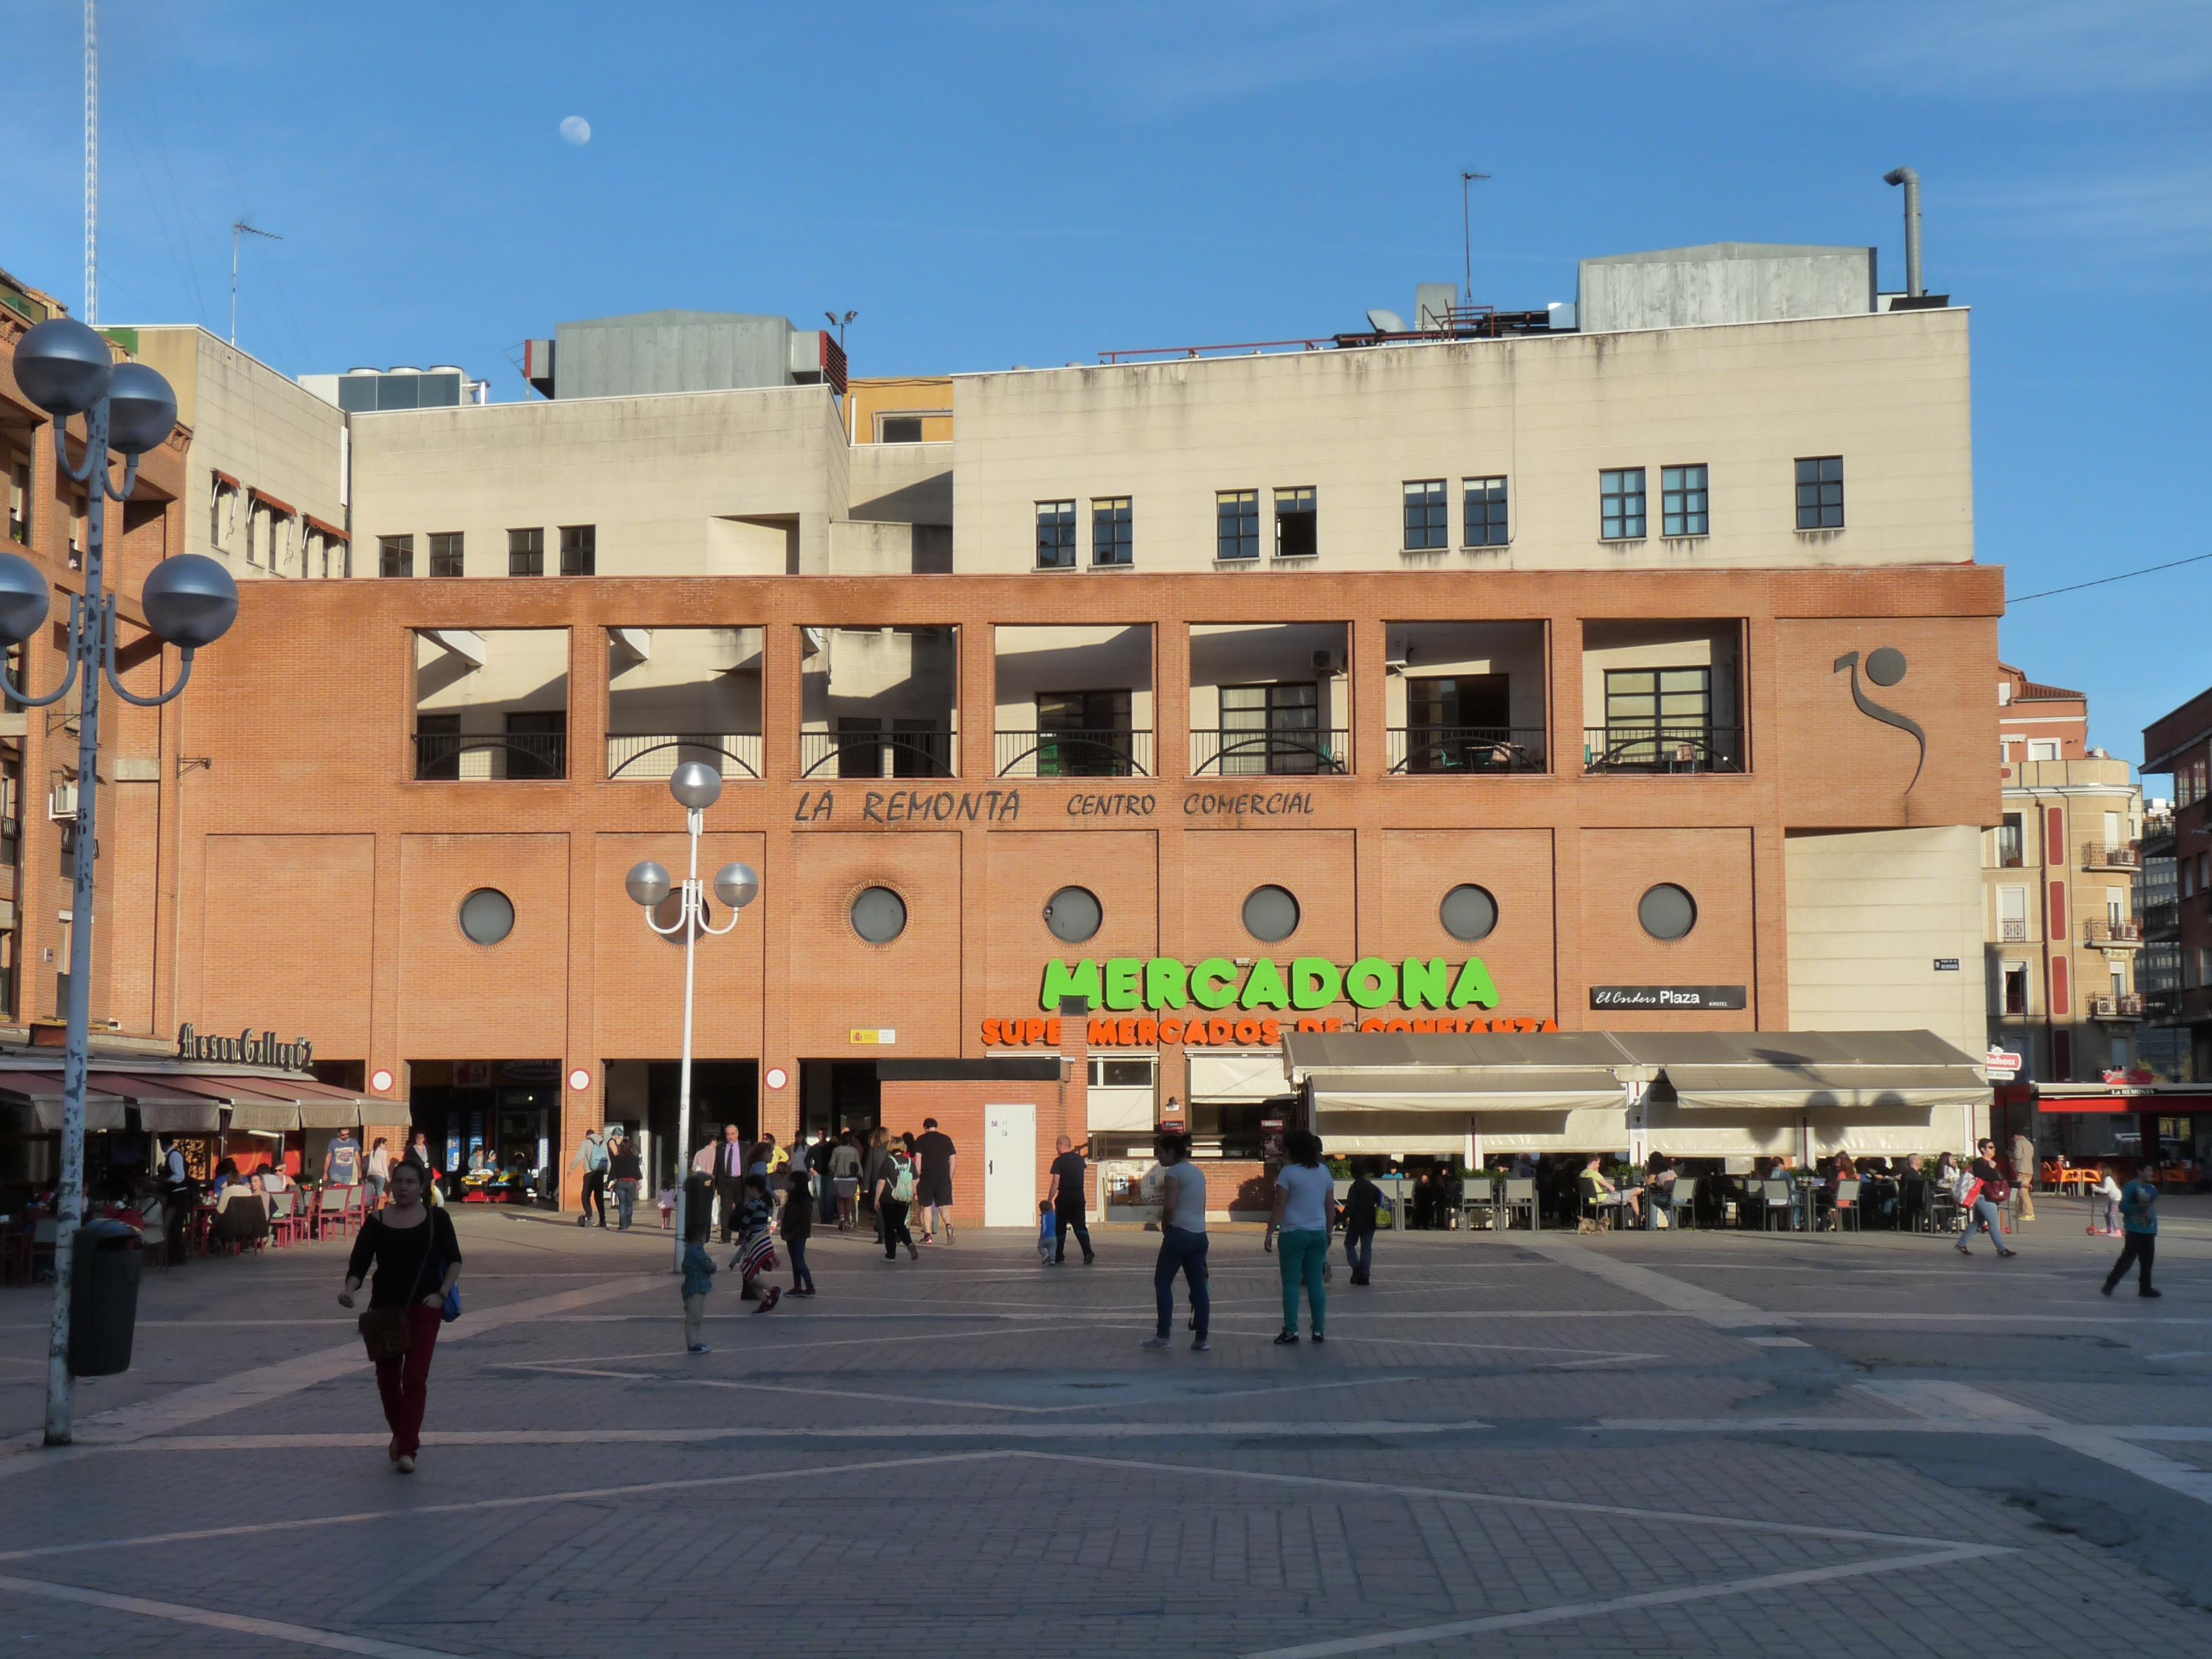 File:Mercadona, plaza de la Remonta, Madrid.jpg